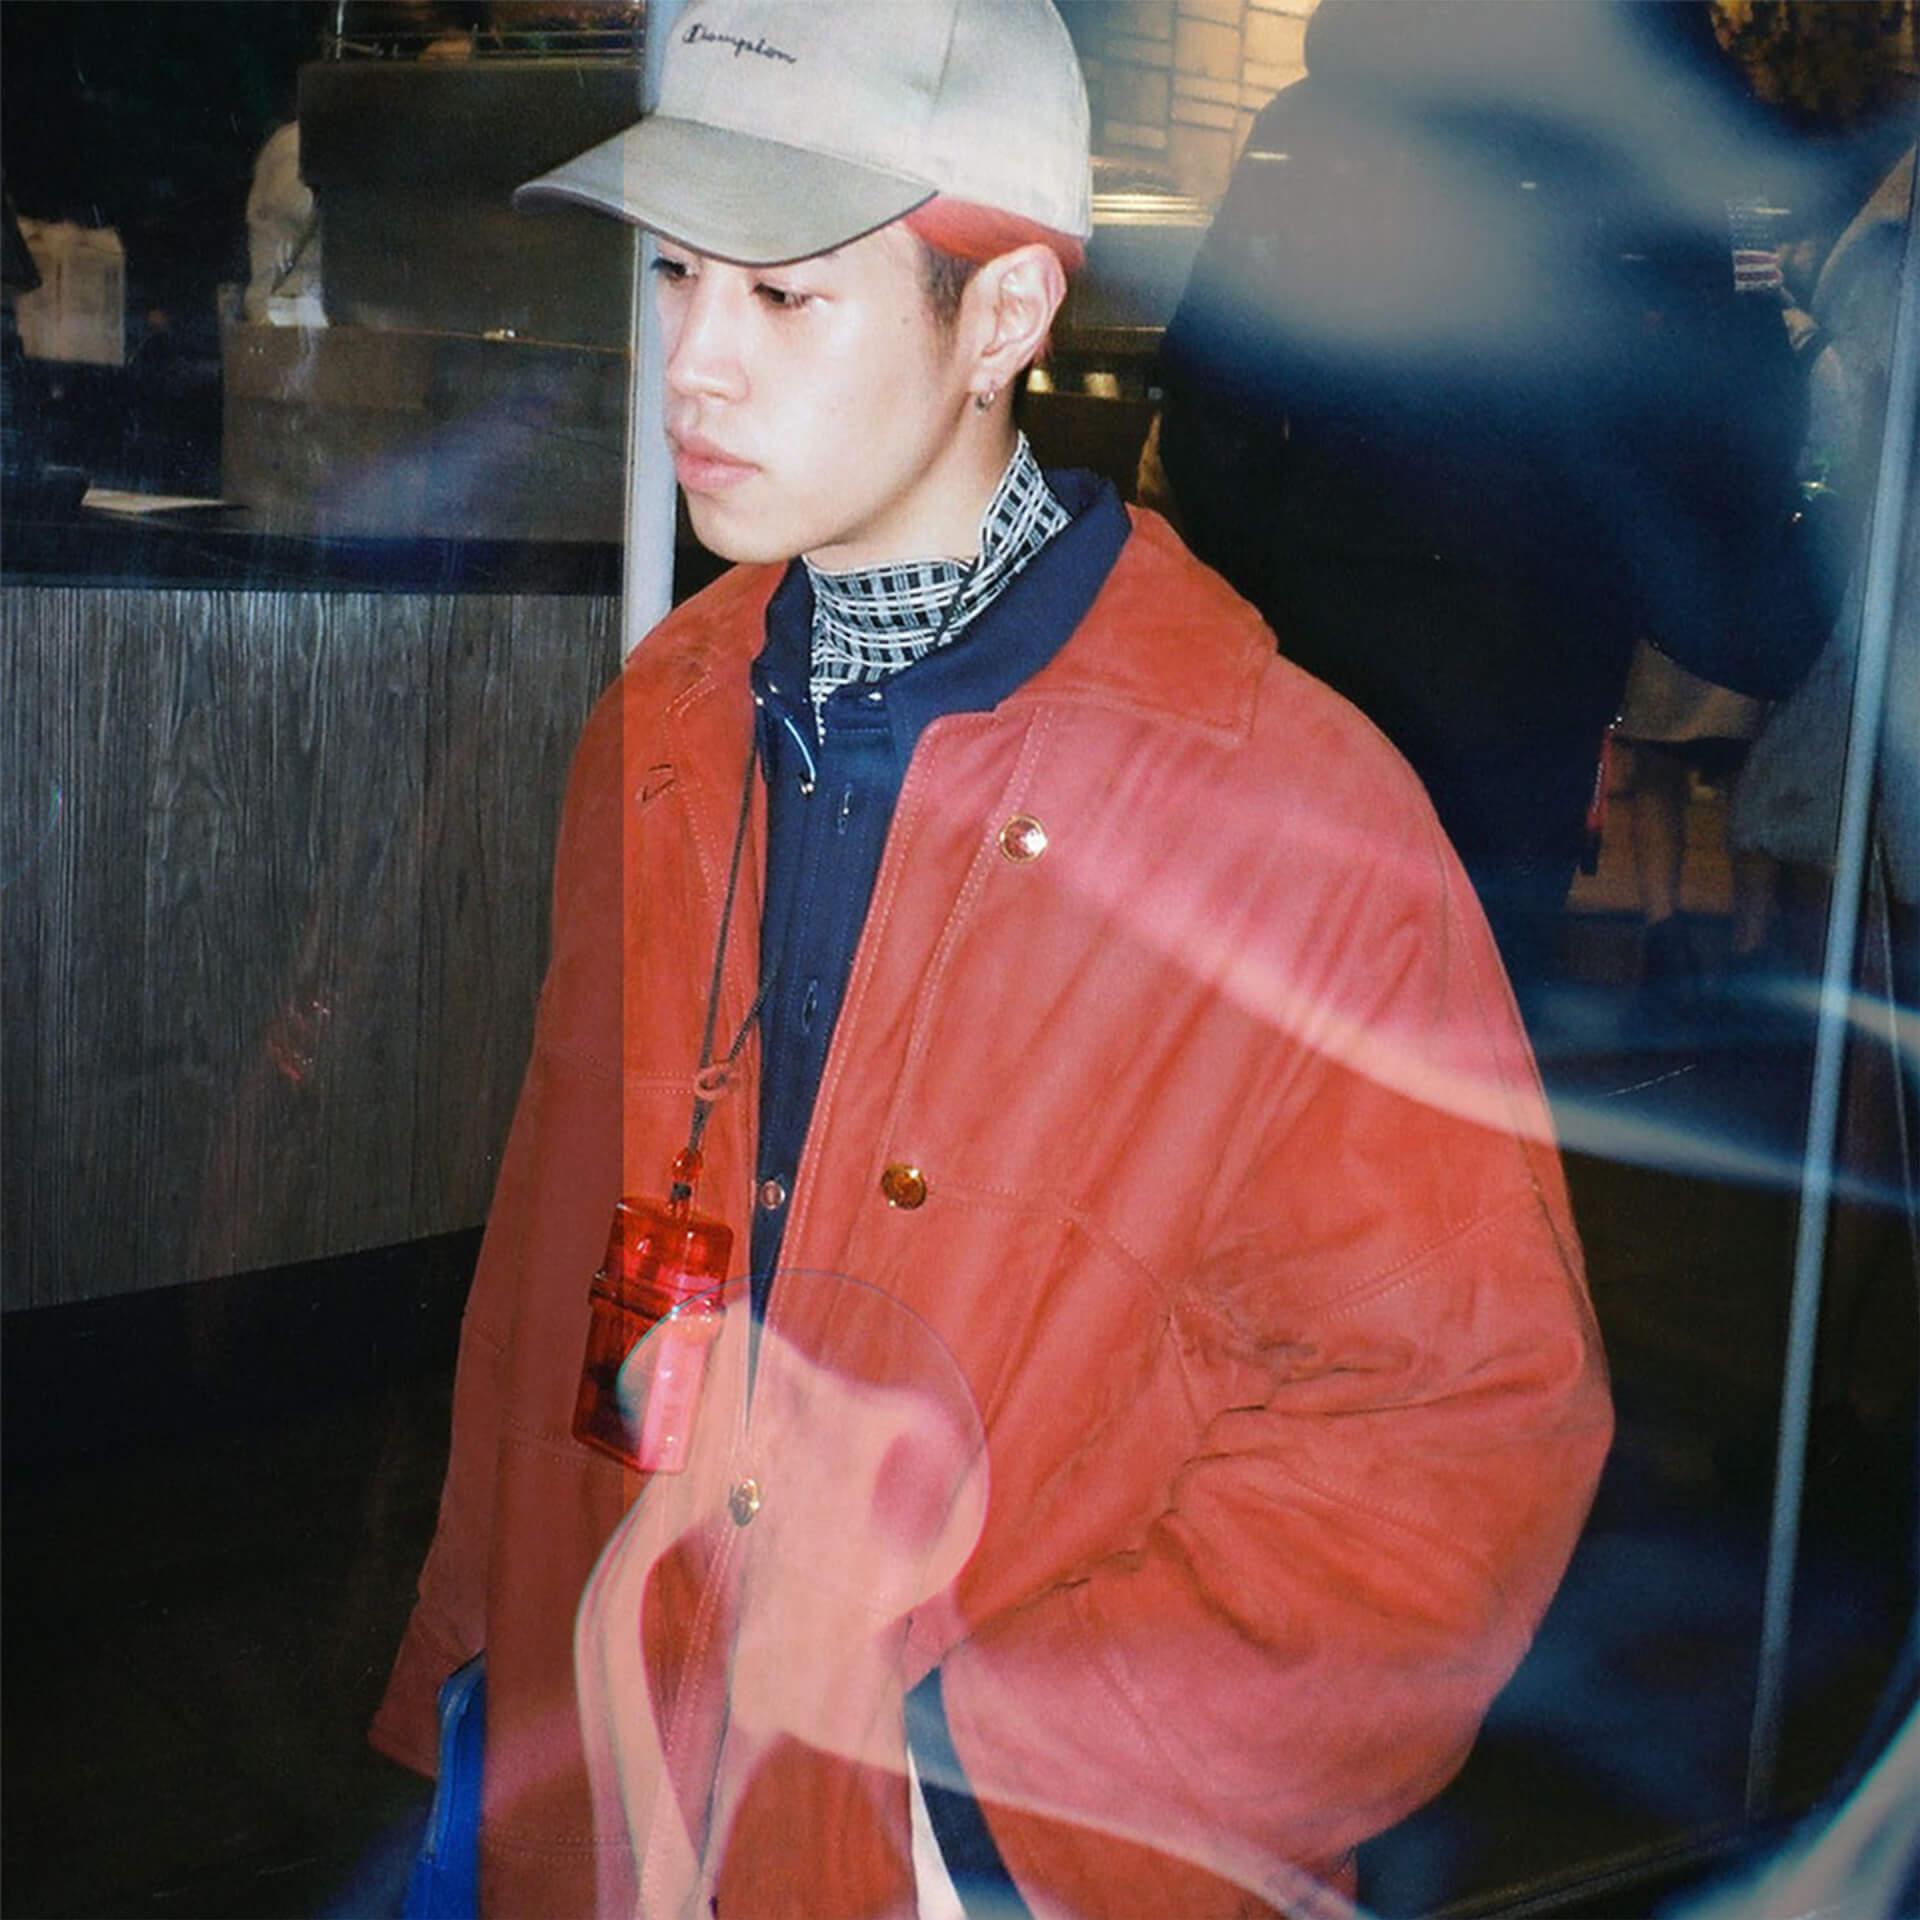 フジロック'20特別ライブ番組配信記念!「ROOKIE A GO-GO 2020 LIVE」出演の6組に直前インタビュー music200820_fujirock_rookie_1